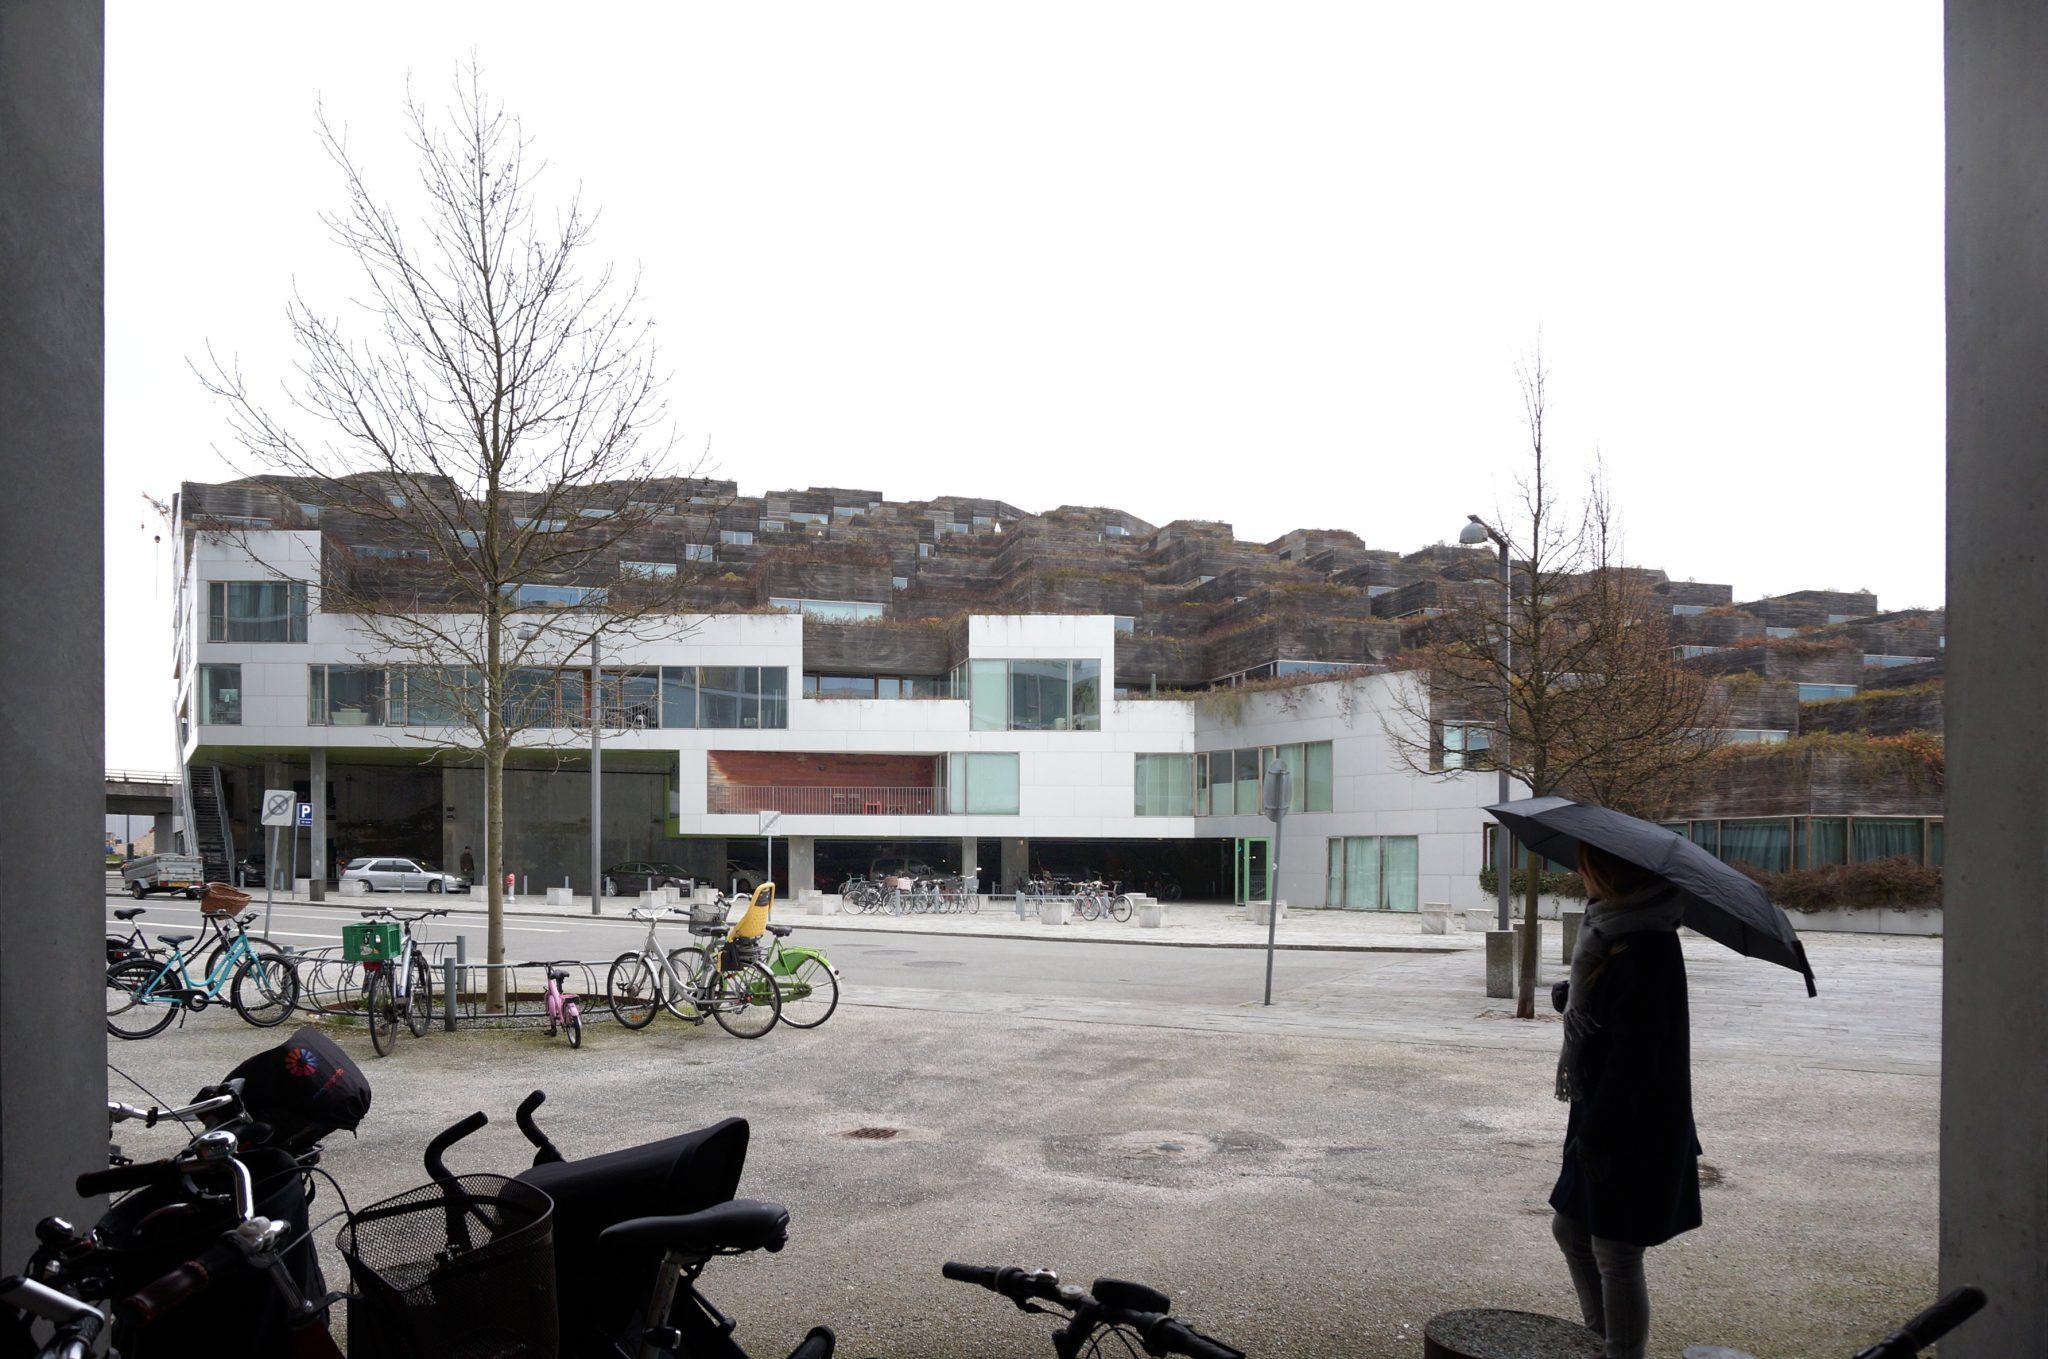 DSC03947 - Kopenhaga - Architour